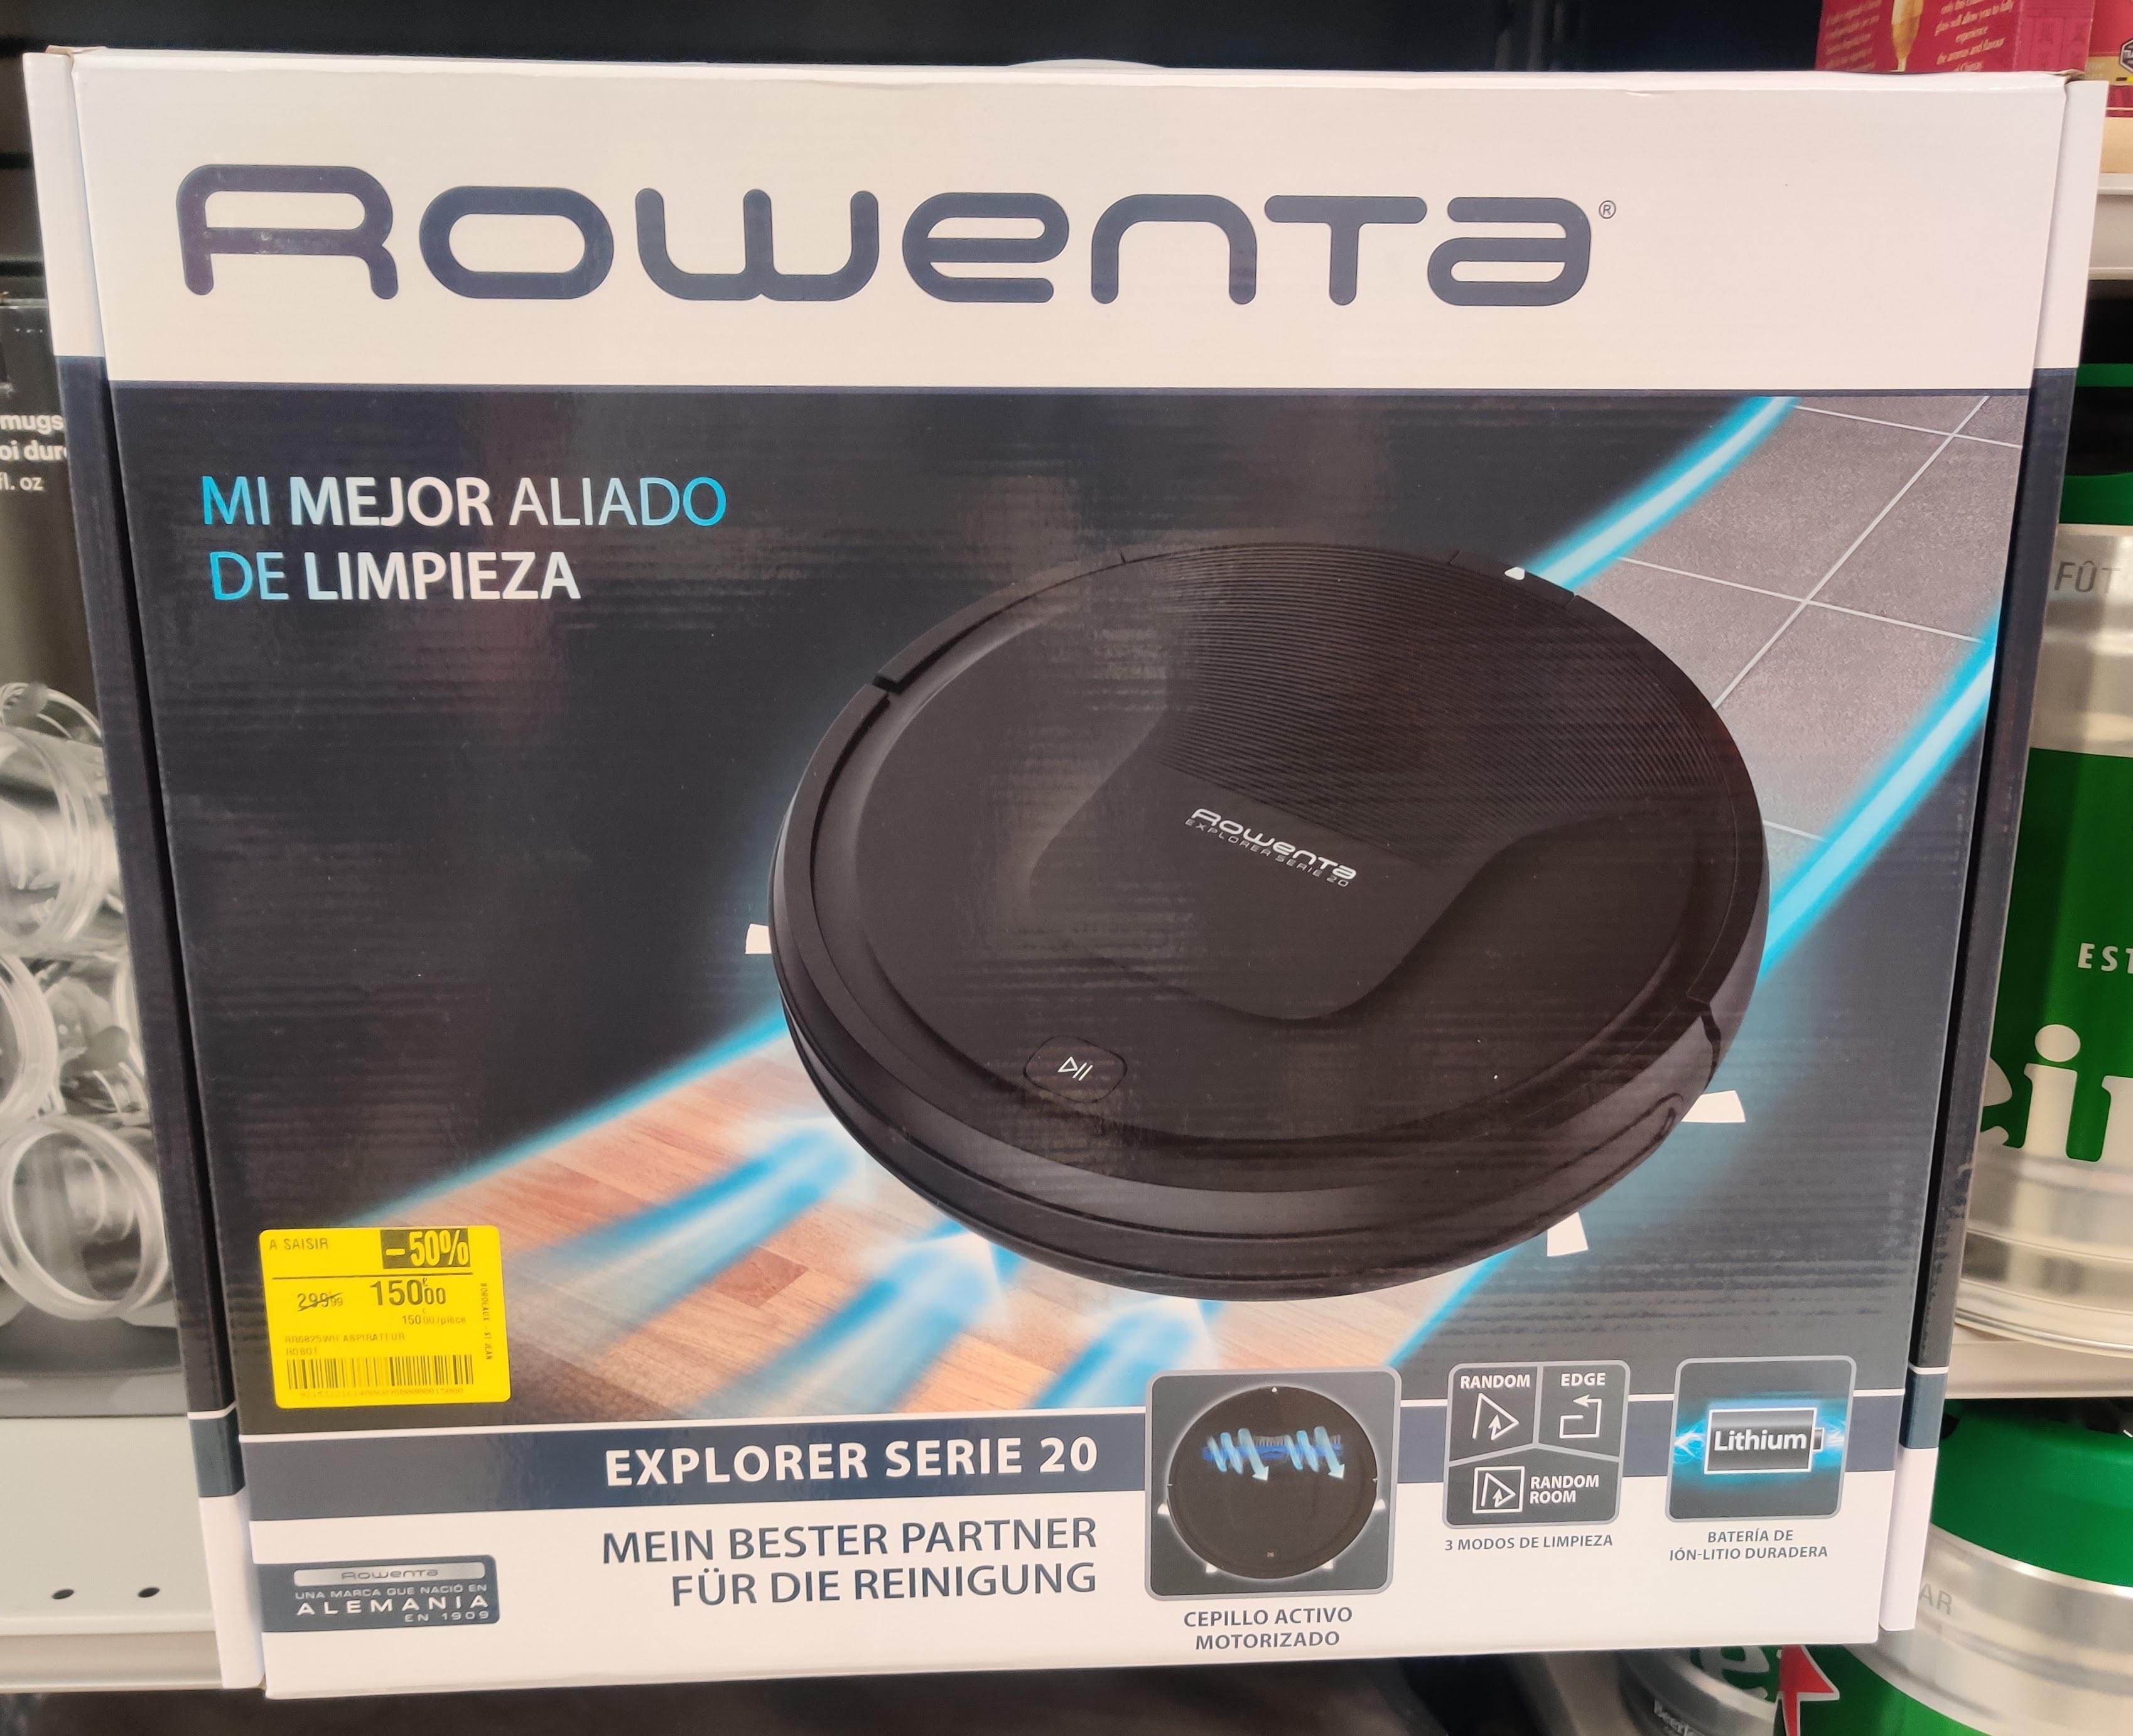 Aspirateur Robot Rowenta Explorer Serie 20 RR6825WH - Bordeaux (33)